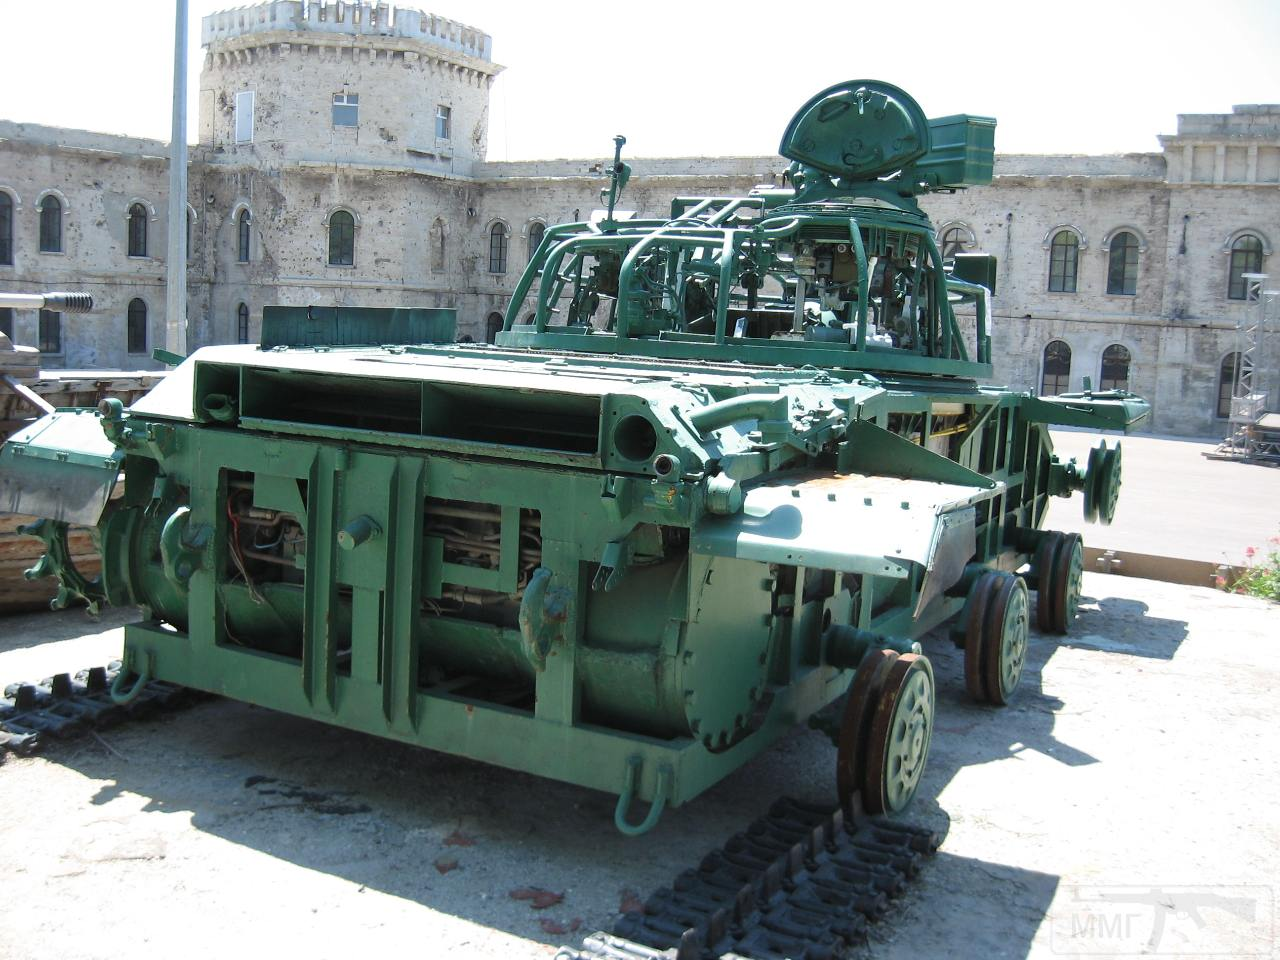 11015 - Немецкая артиллерия Севастополь 2011